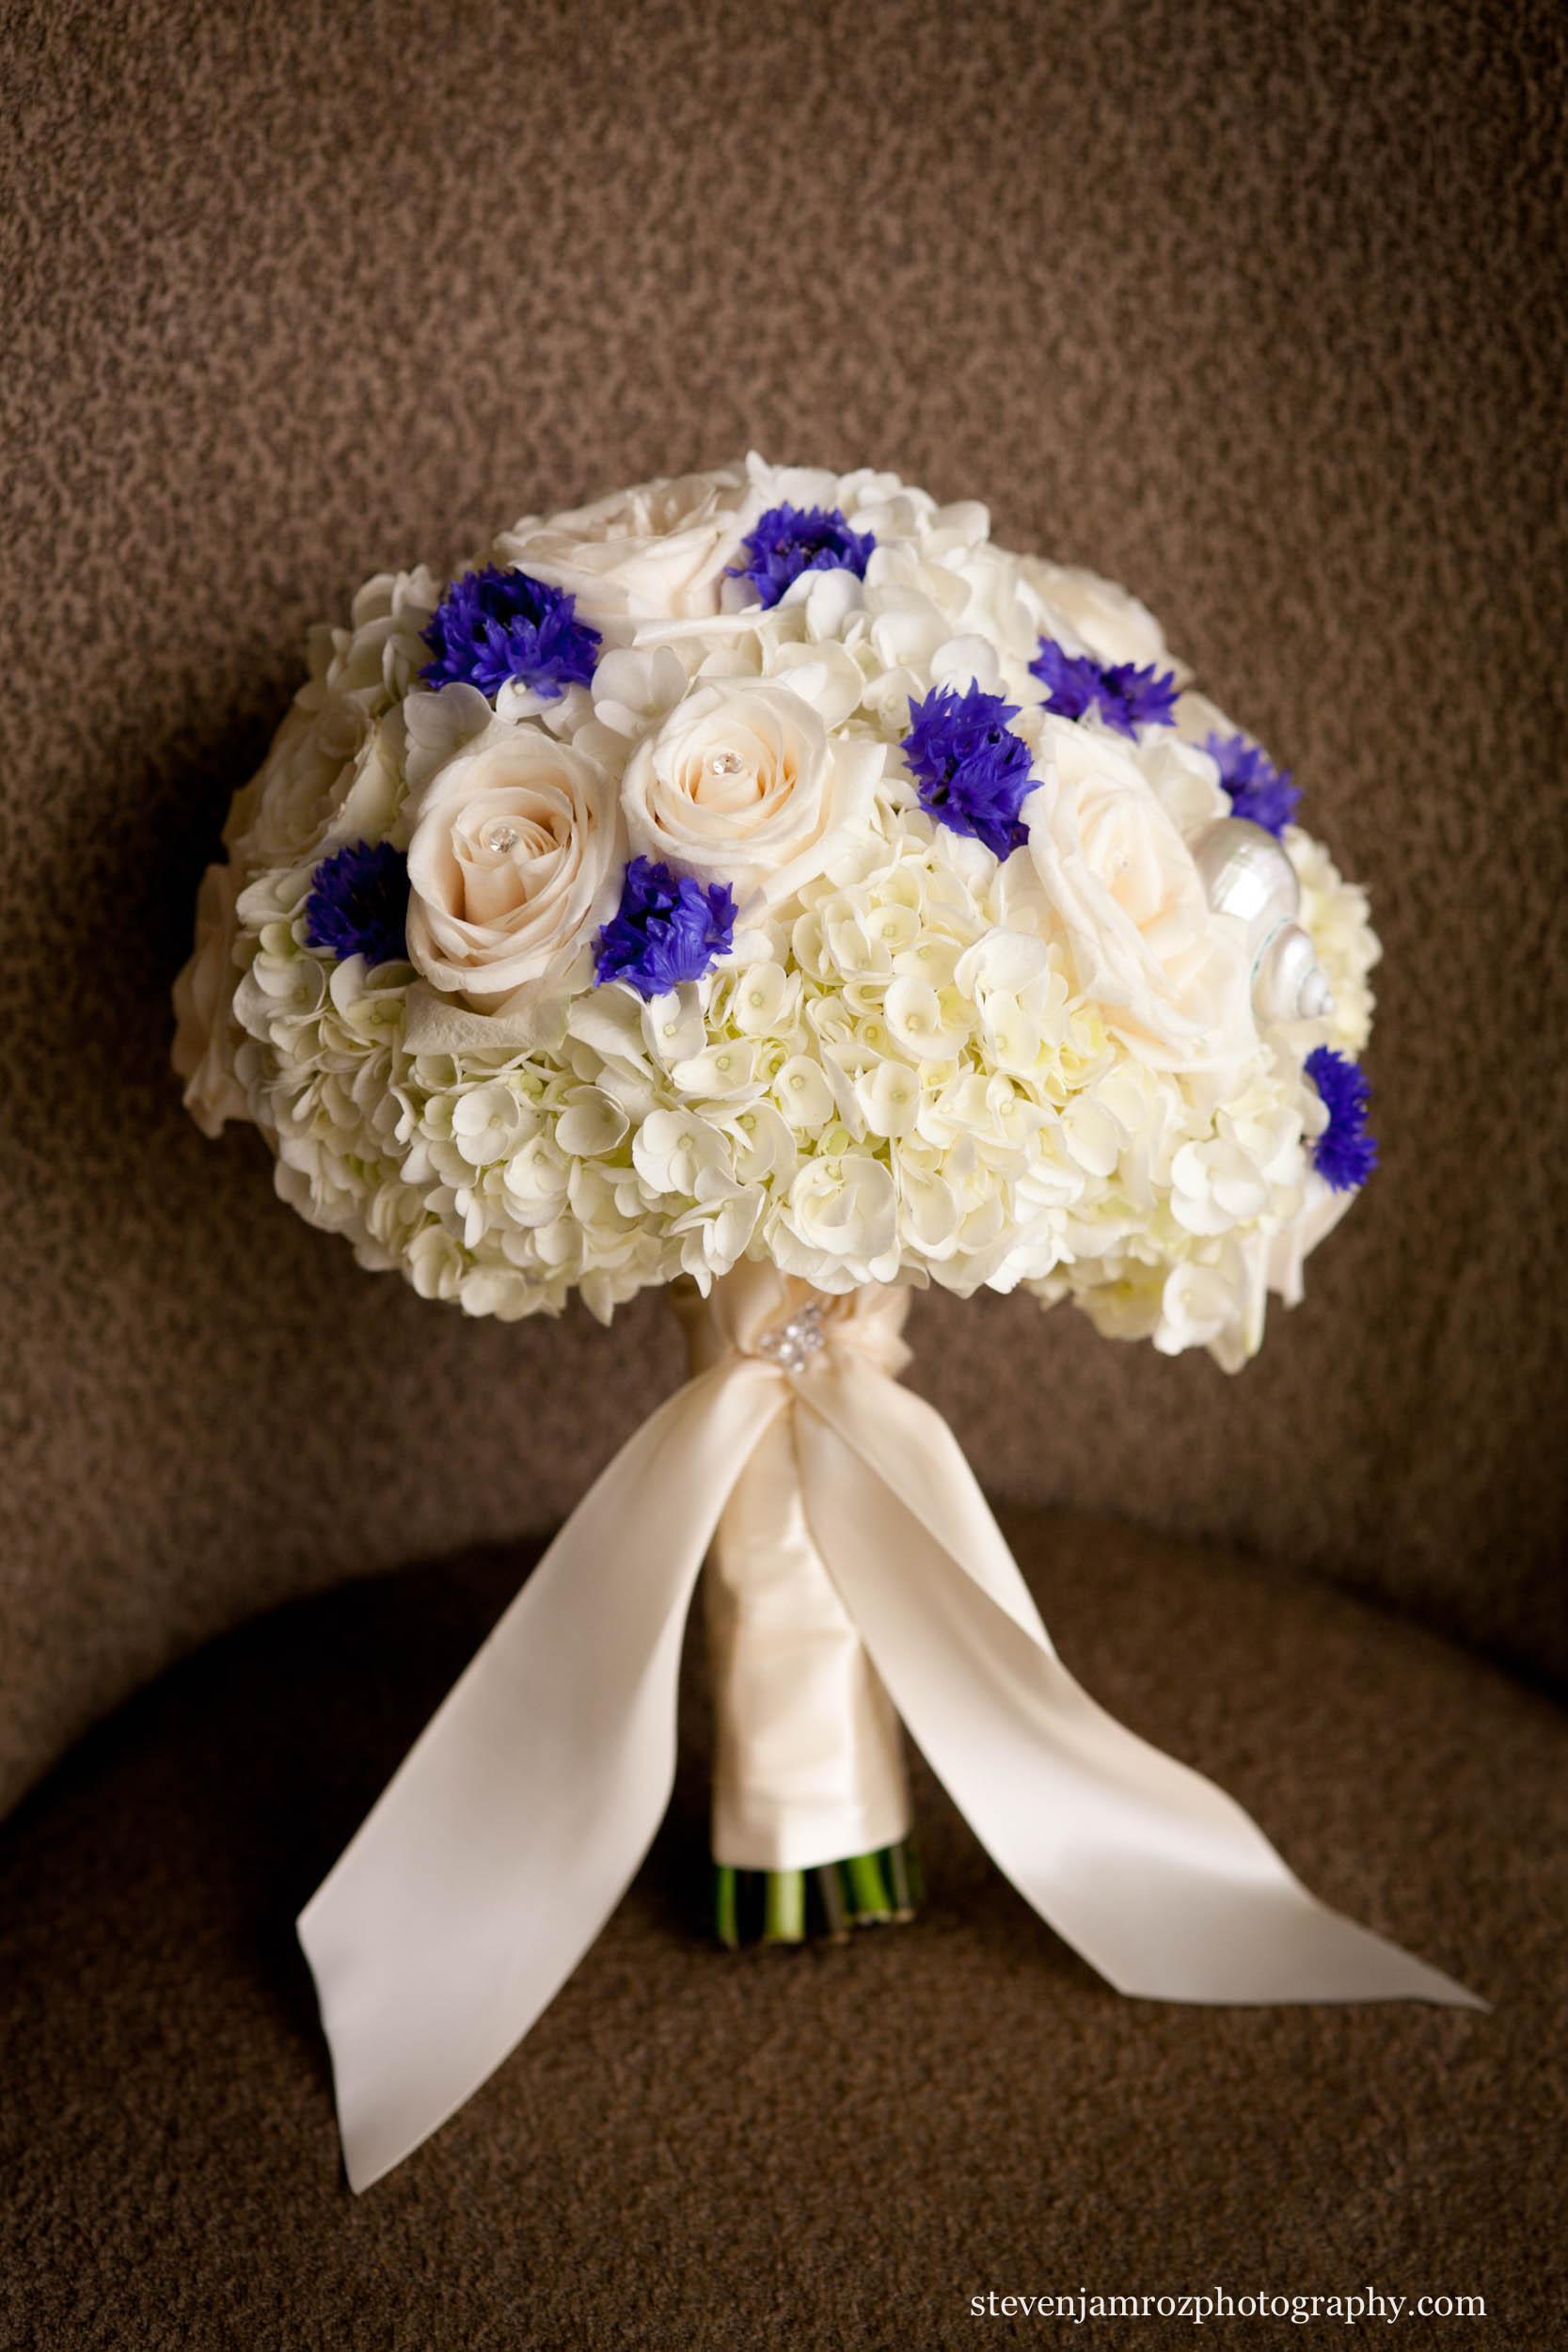 purple-white-wedding-flower-bouquet-steven-jamroz-photography-0286.jpg